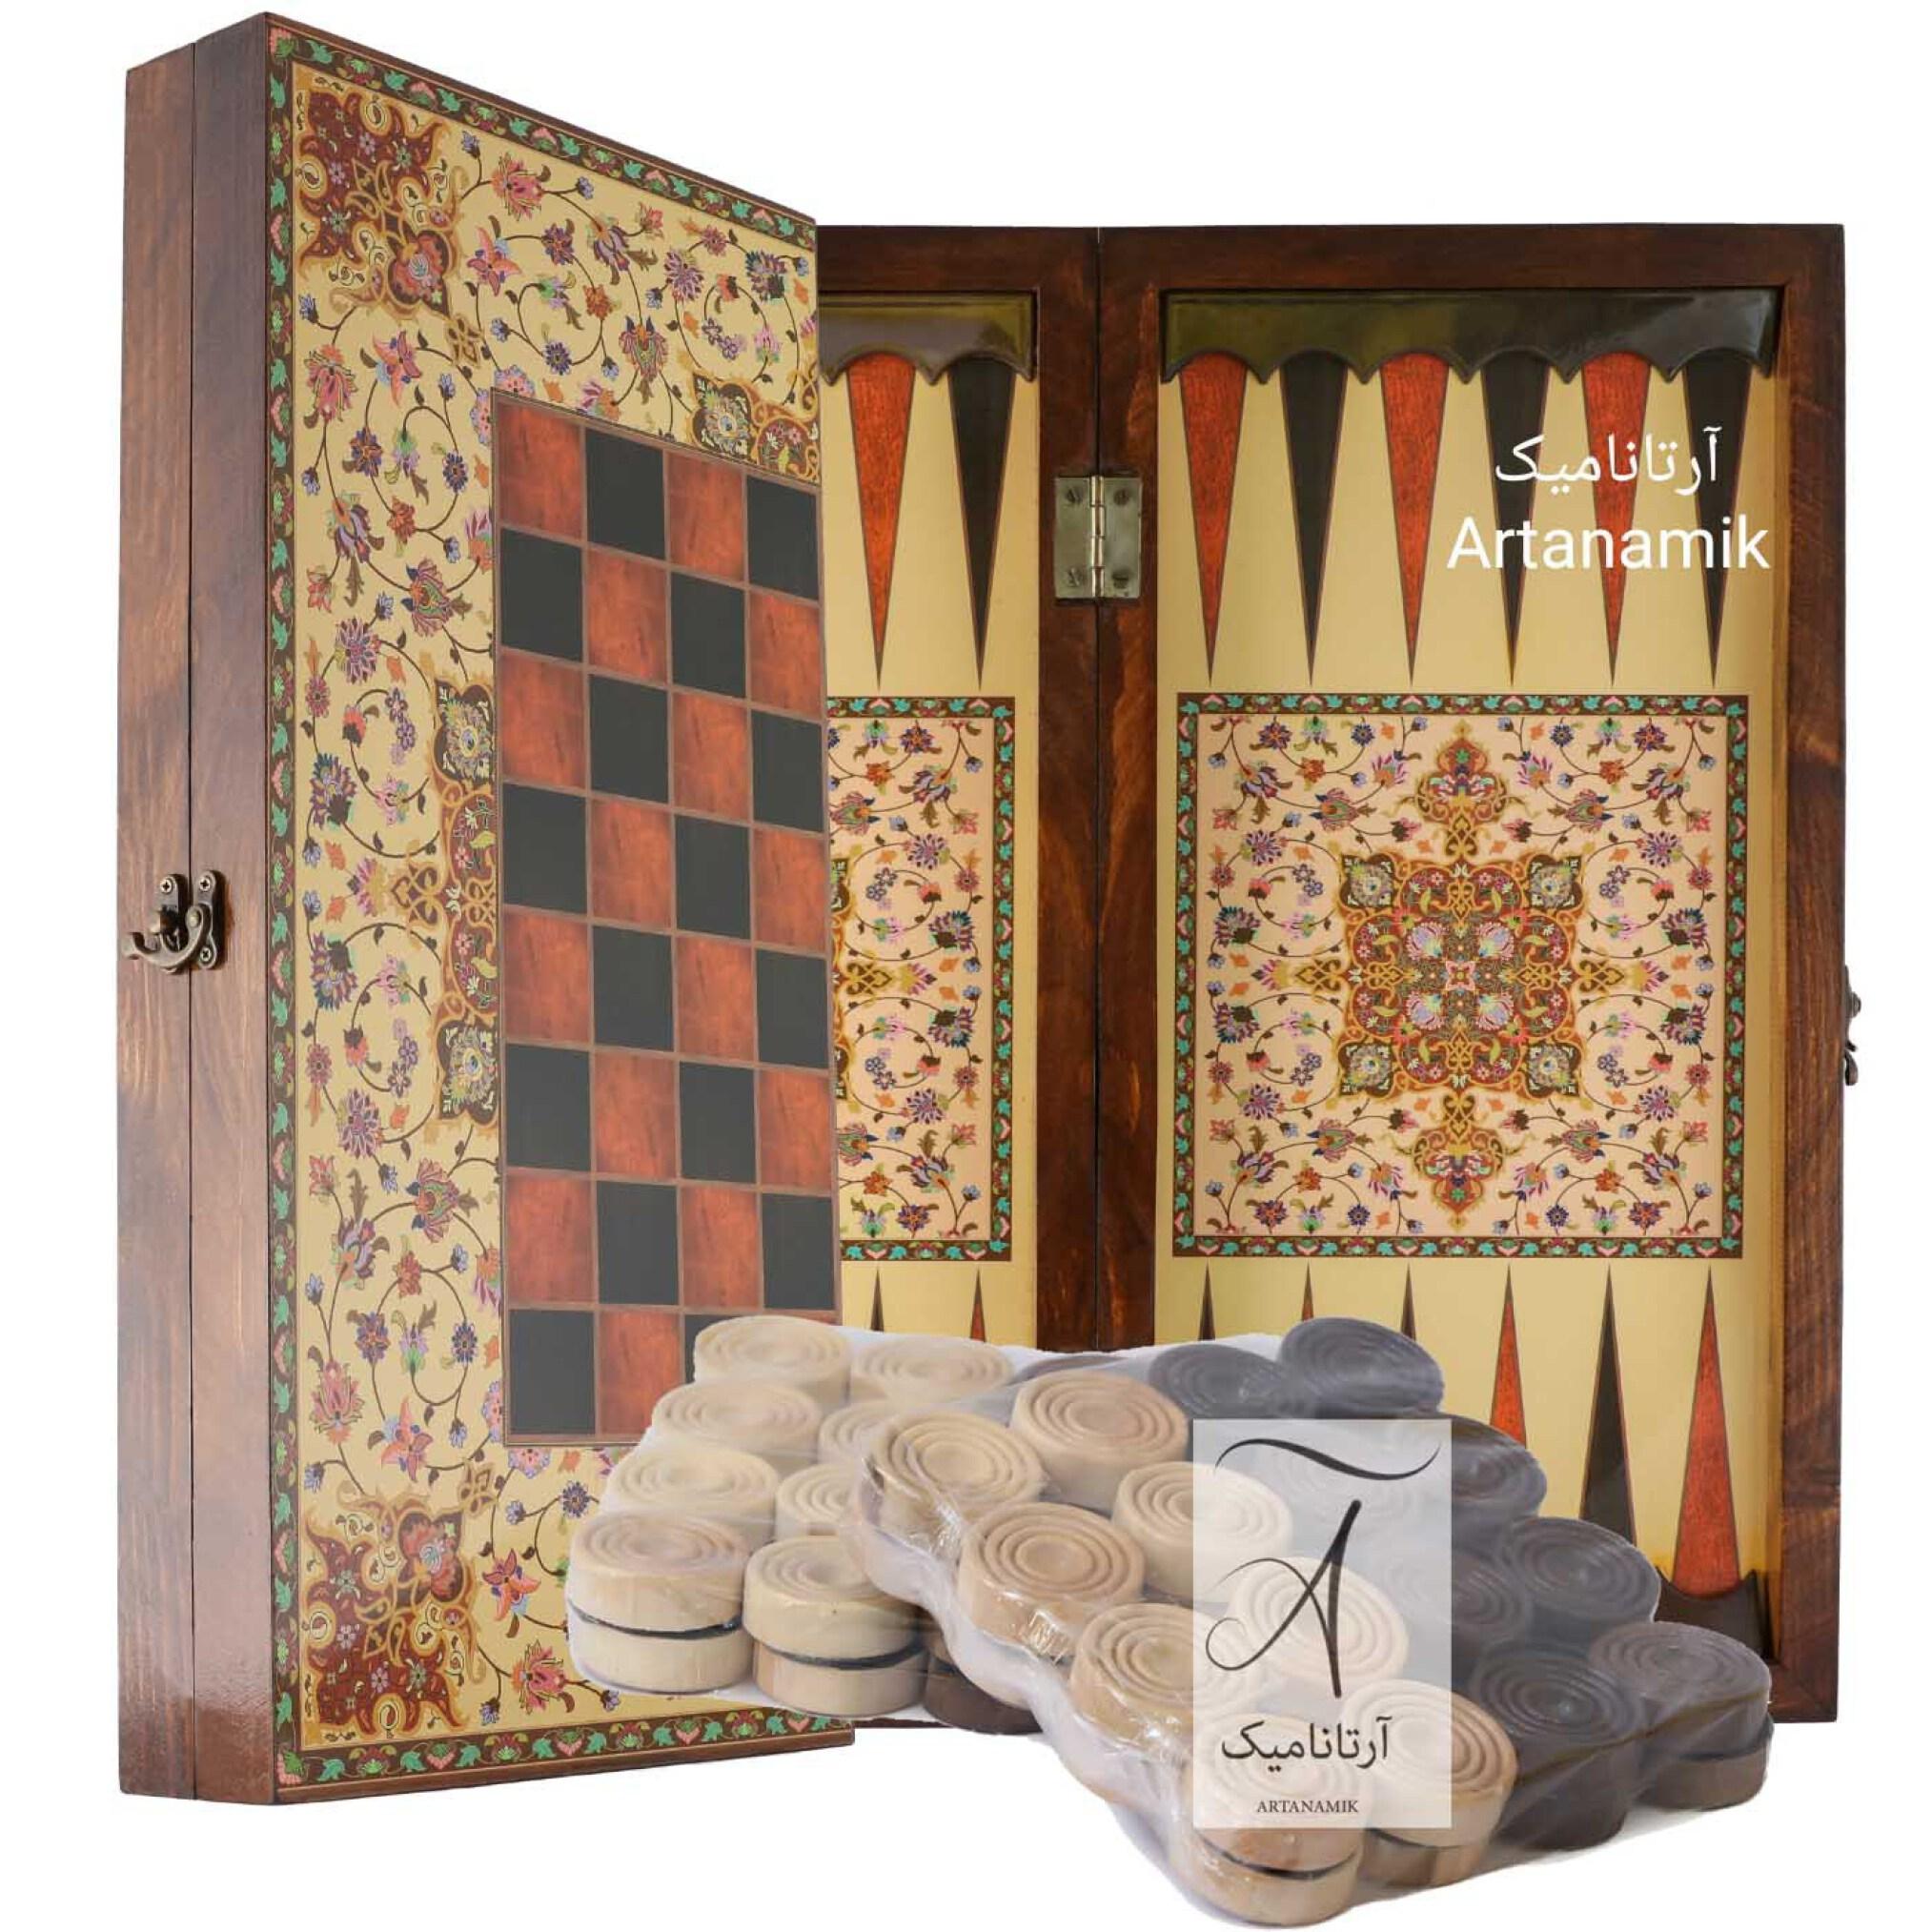 خرید تخته نرد و شطرنج کادویی طرح ترنج، تخته نرد کادویی، تخته نرد نفیس از جنس چوب روس